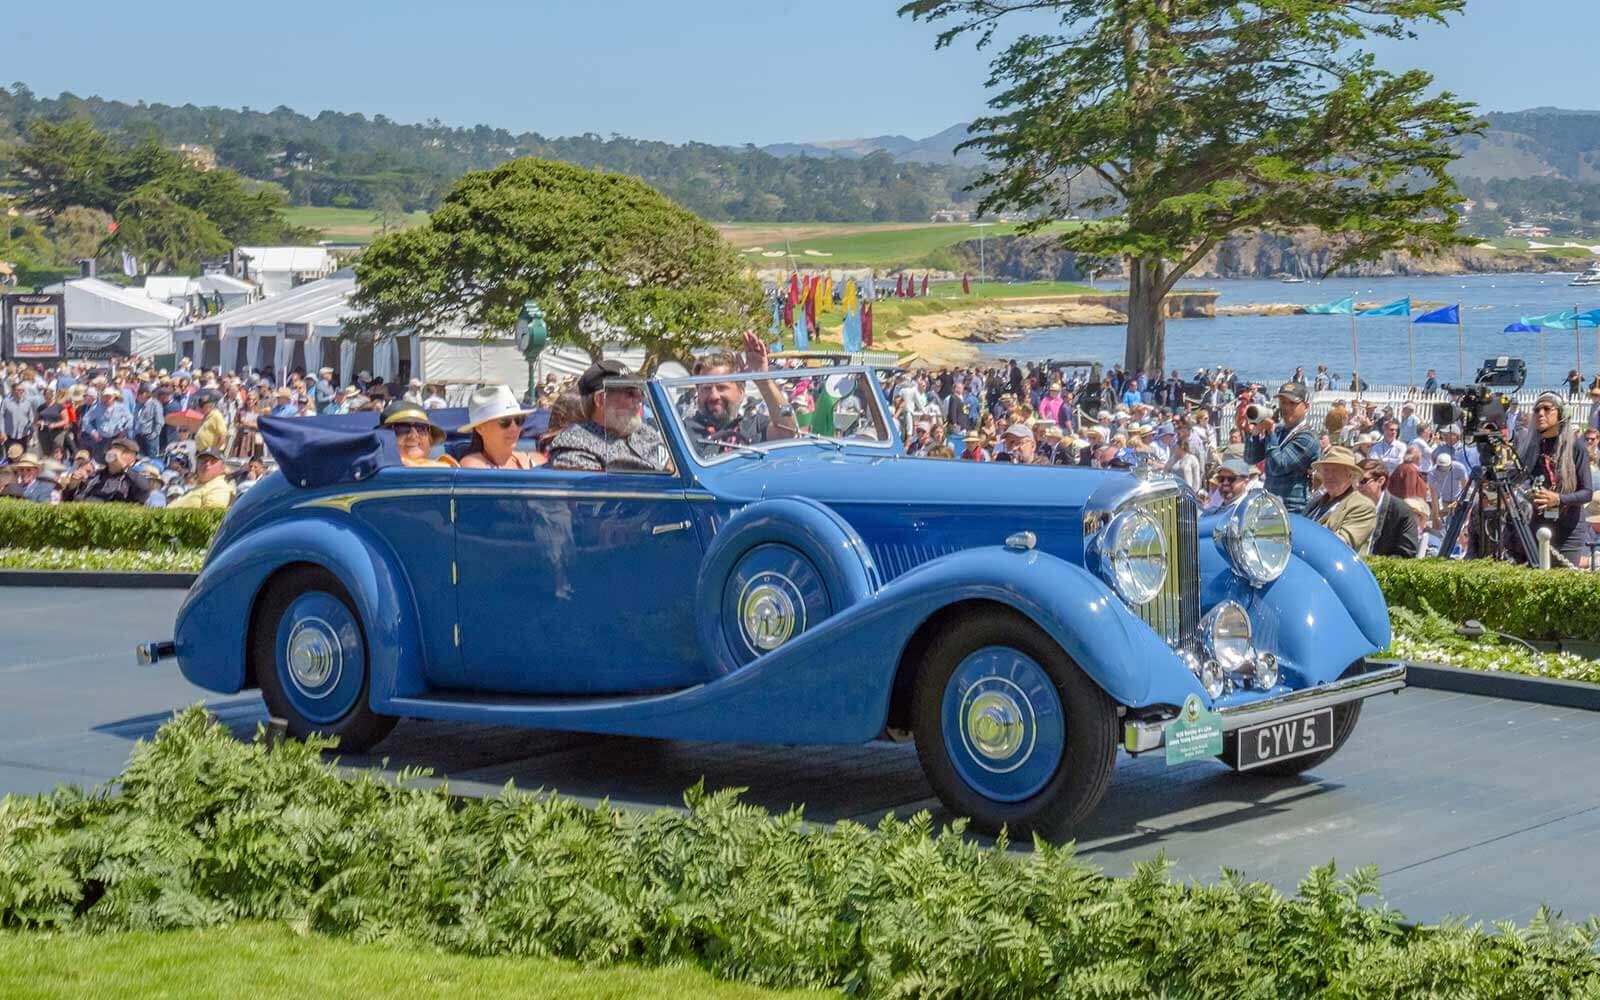 1936 Bentley 4¼ Litre James Young Drophead Coupé